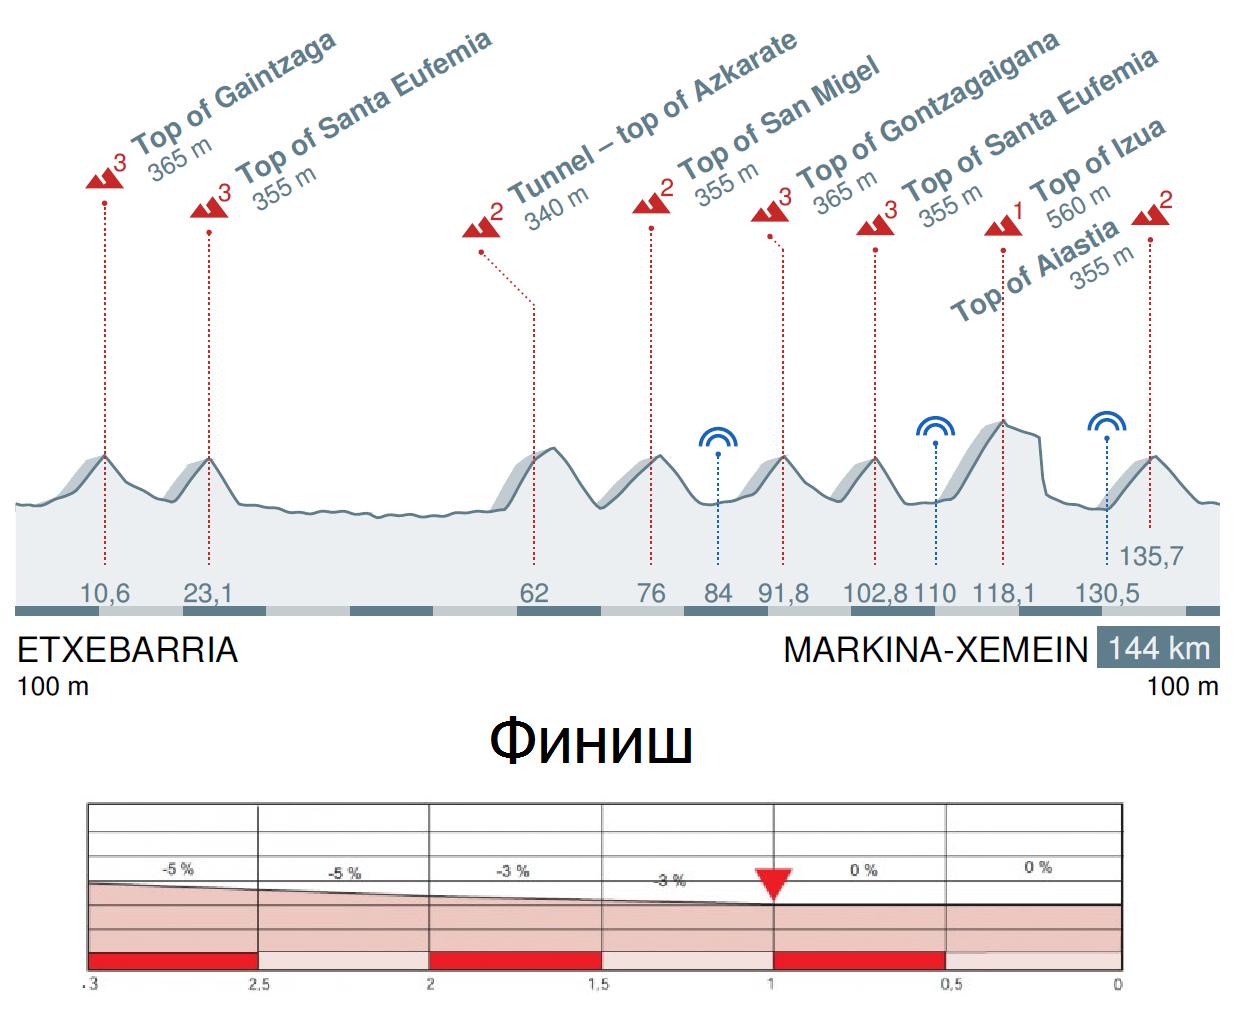 Тур Страны Басков 2016 профиль 1 этапа